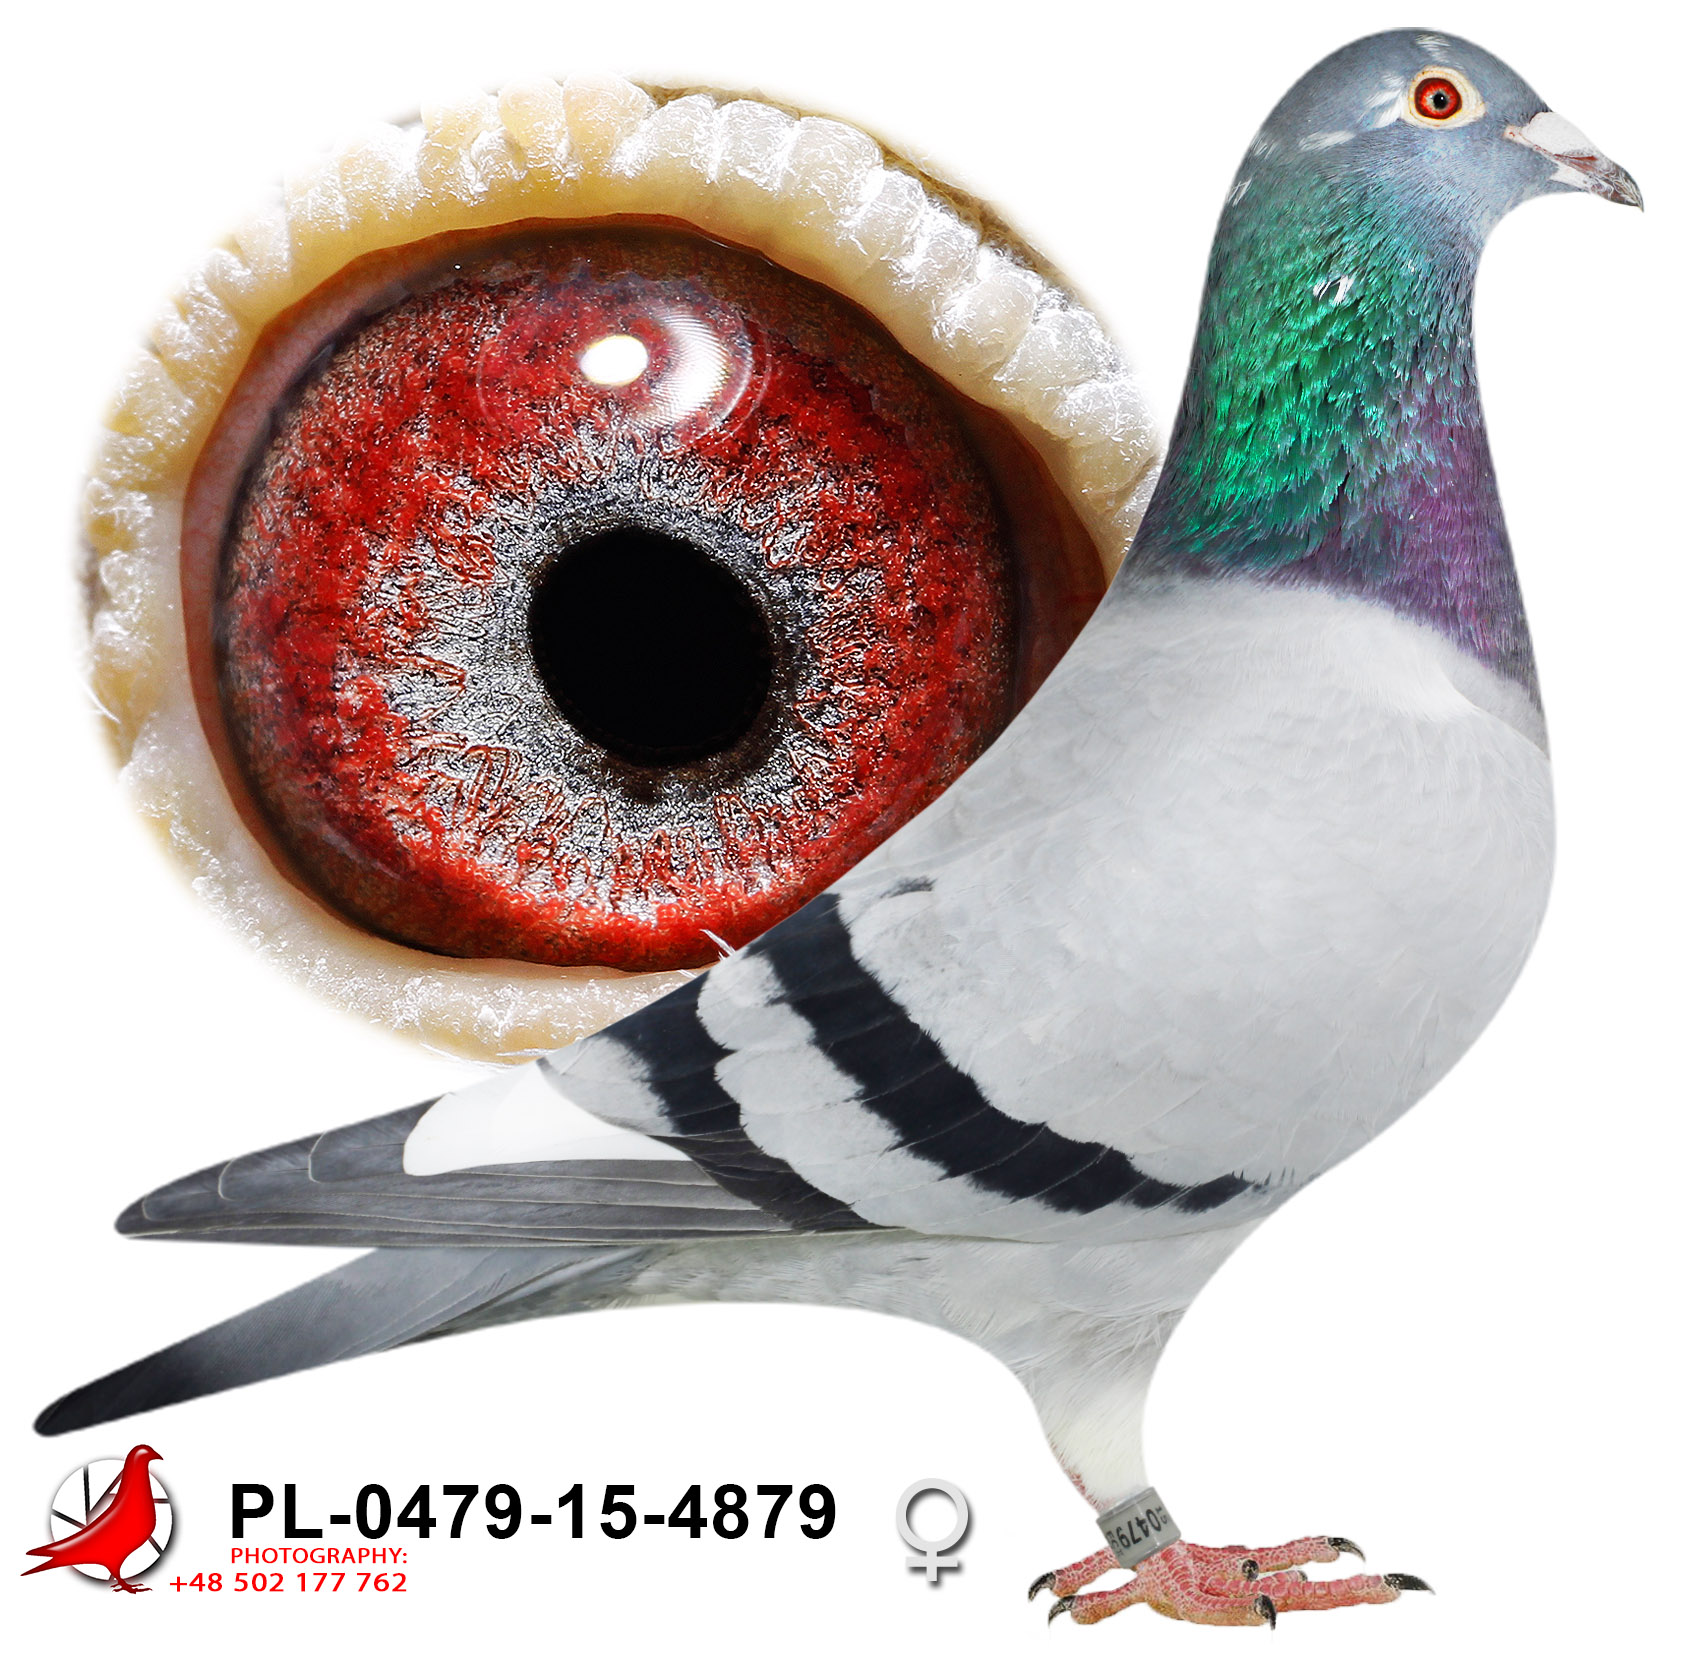 pl-0479-15-4879_h